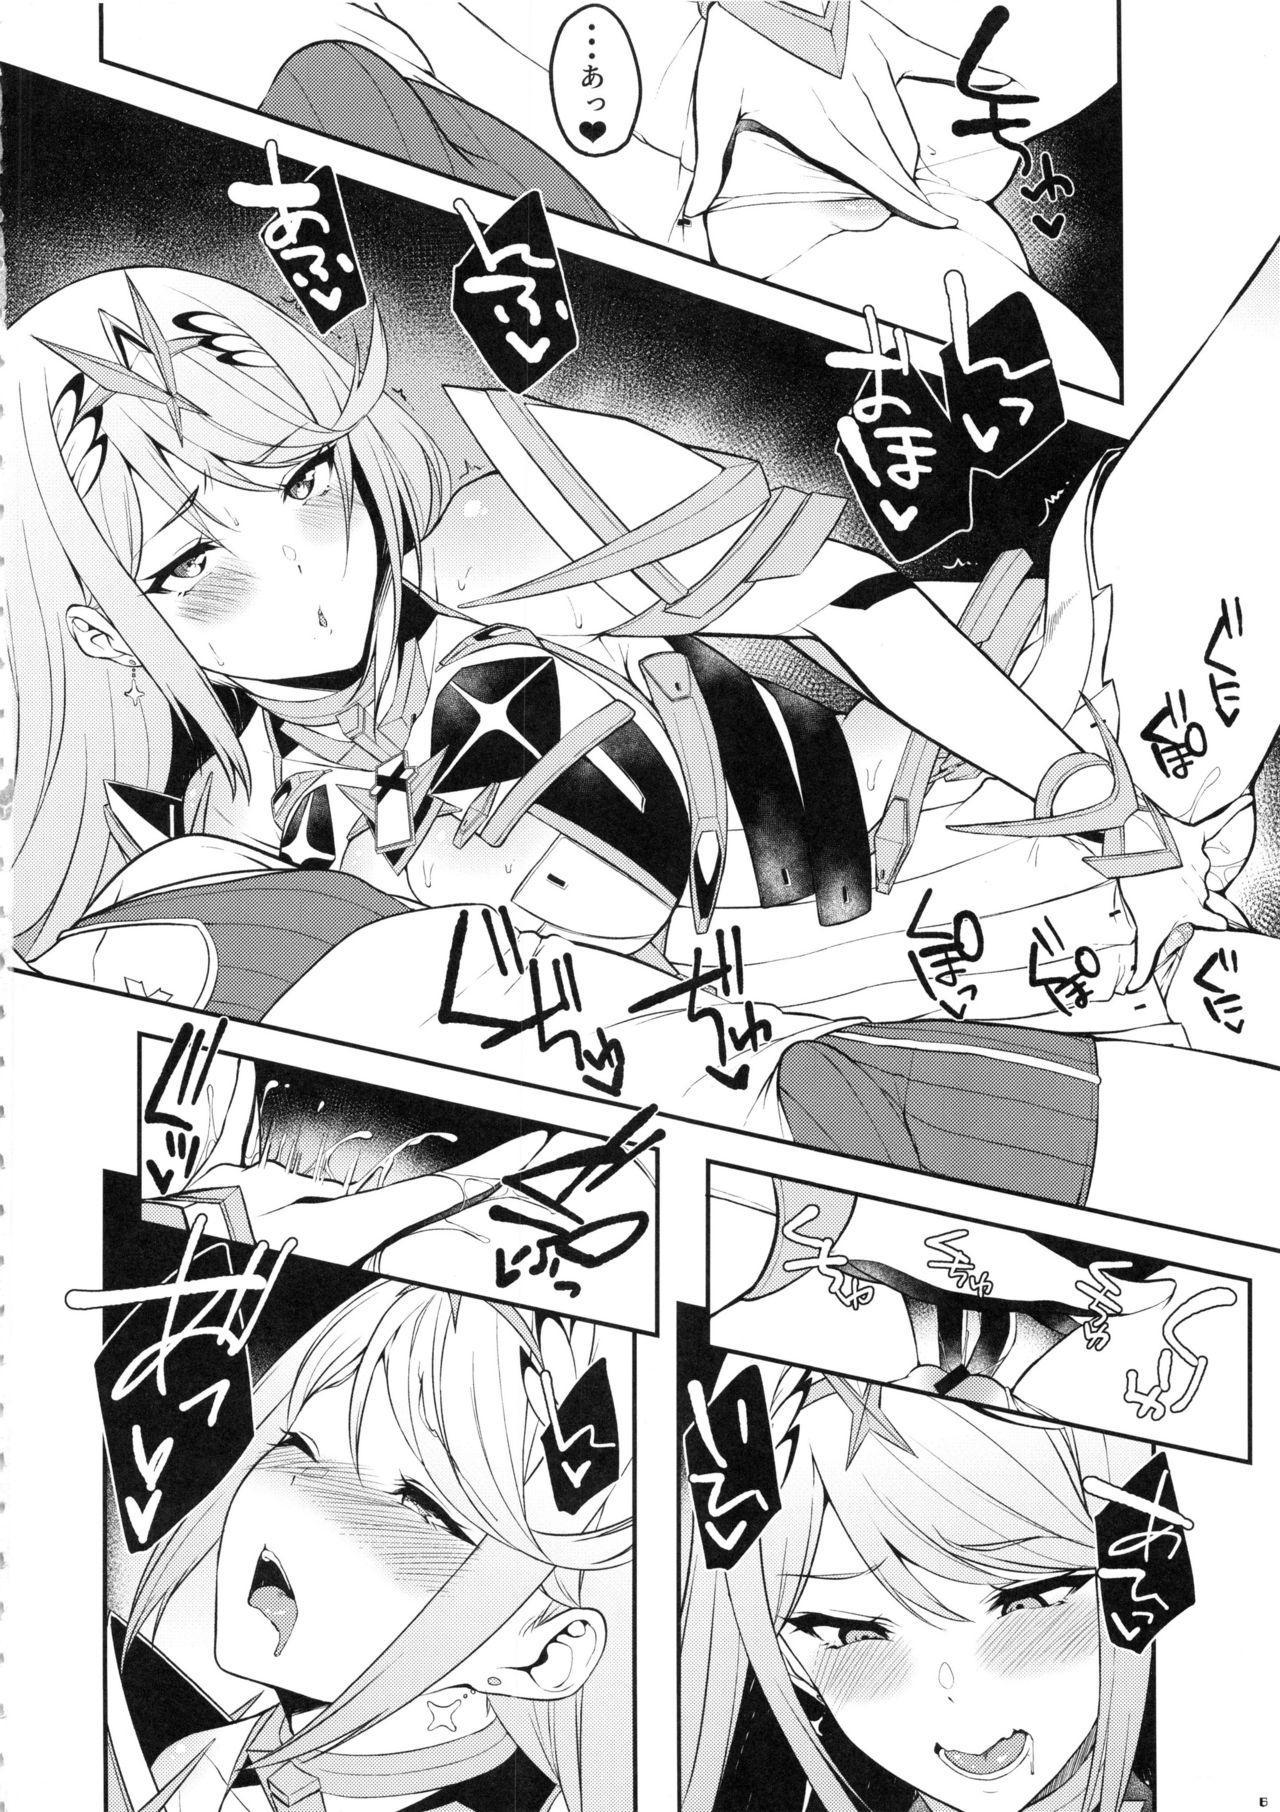 Hikari Are 6